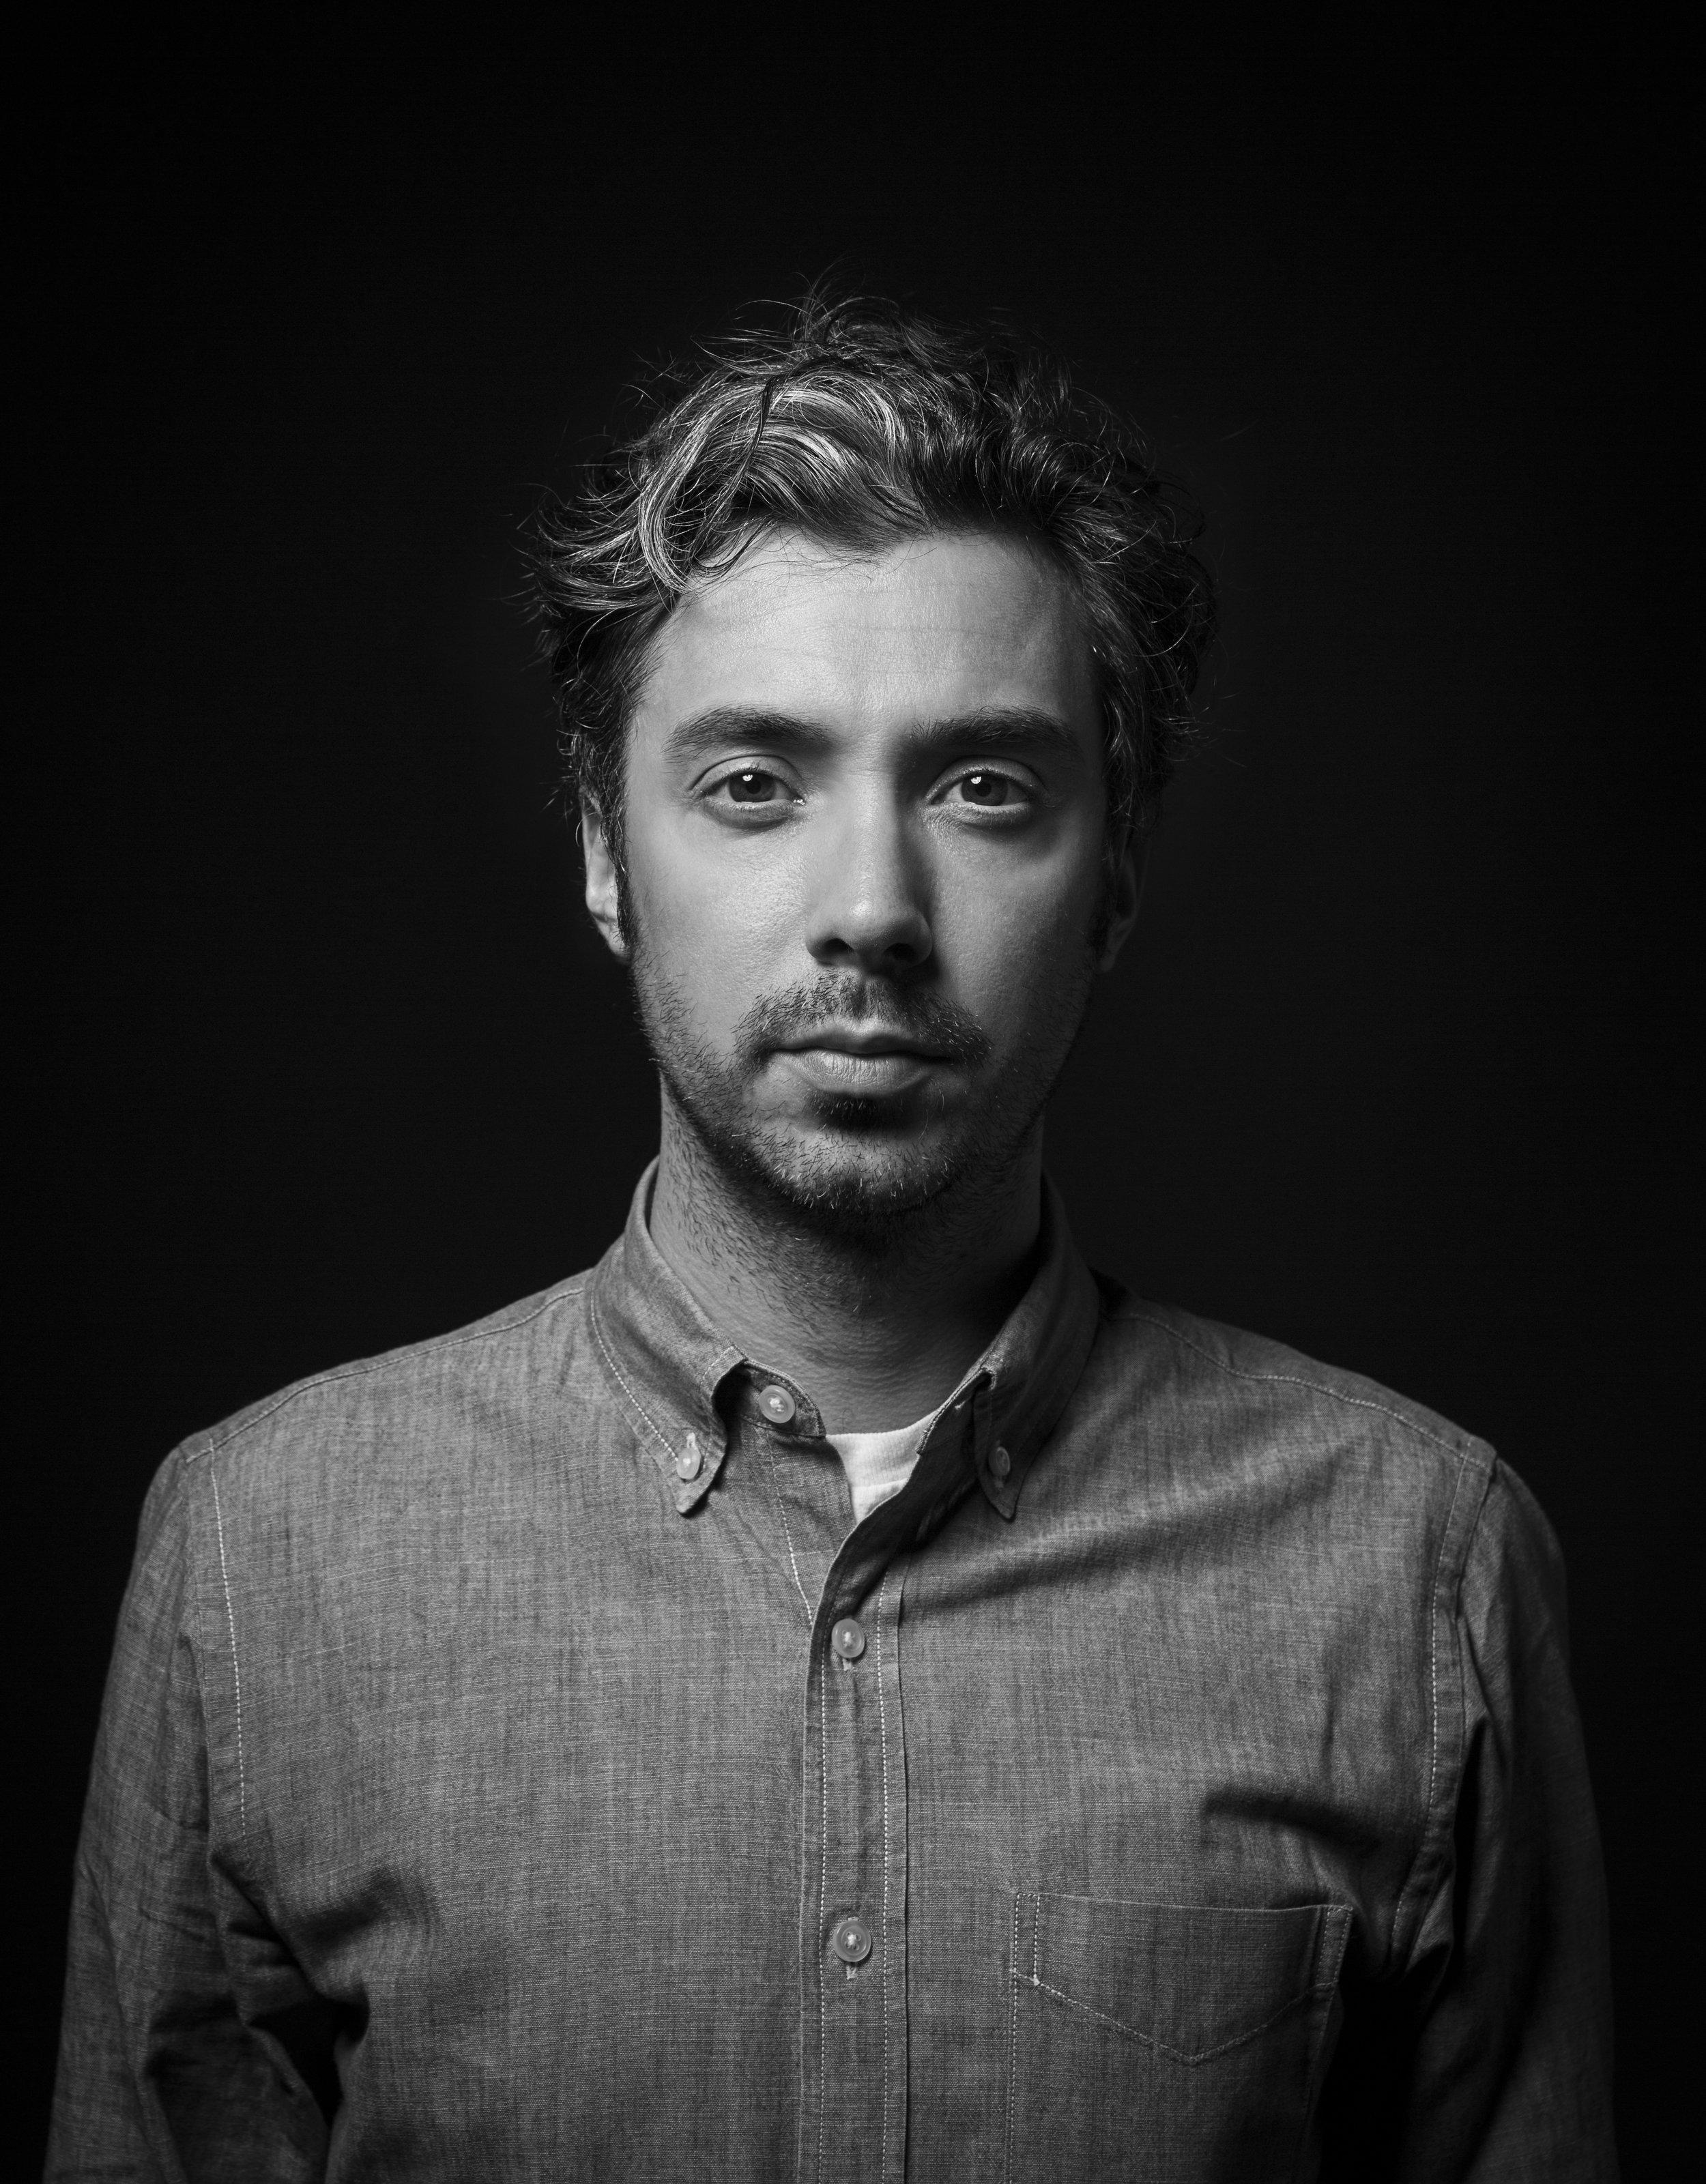 DANILO_BOER-PortraitApril2017-B&W.jpg